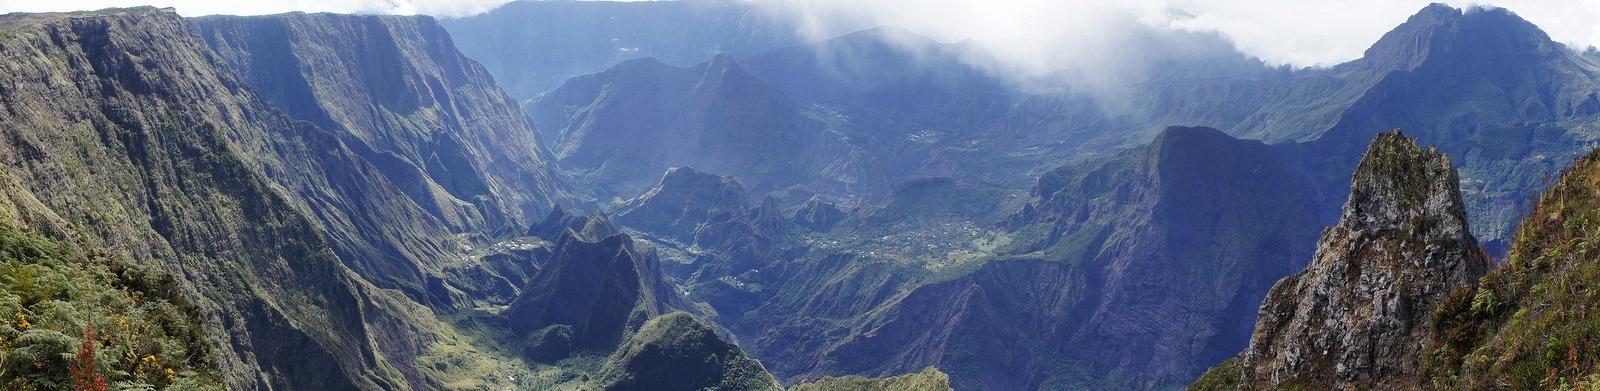 #Rêve2Réunion Comme une envie de Réunion...